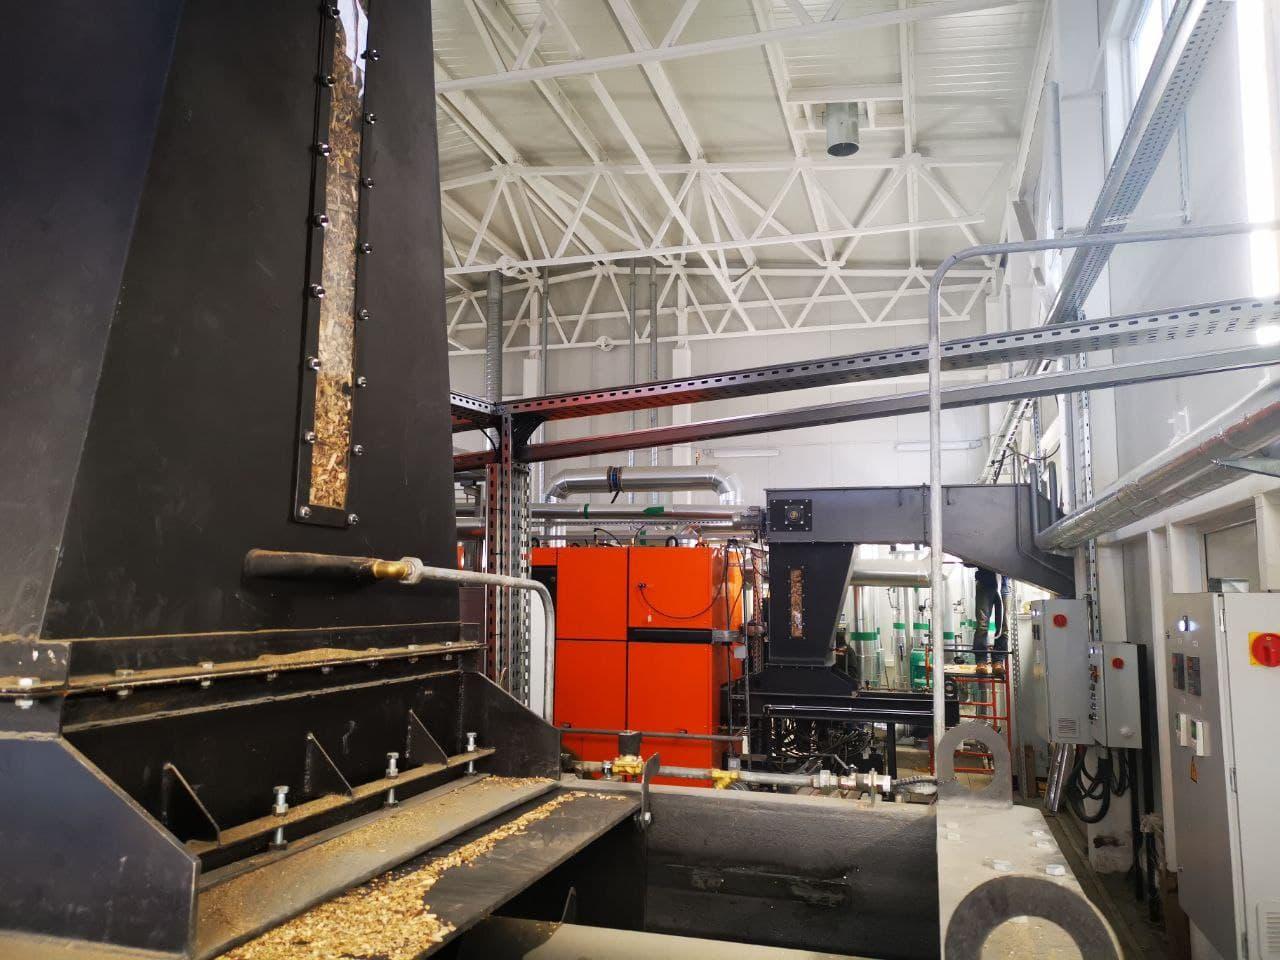 котельная на МВТ - модуль для загрузки топлива (древесной щепы)